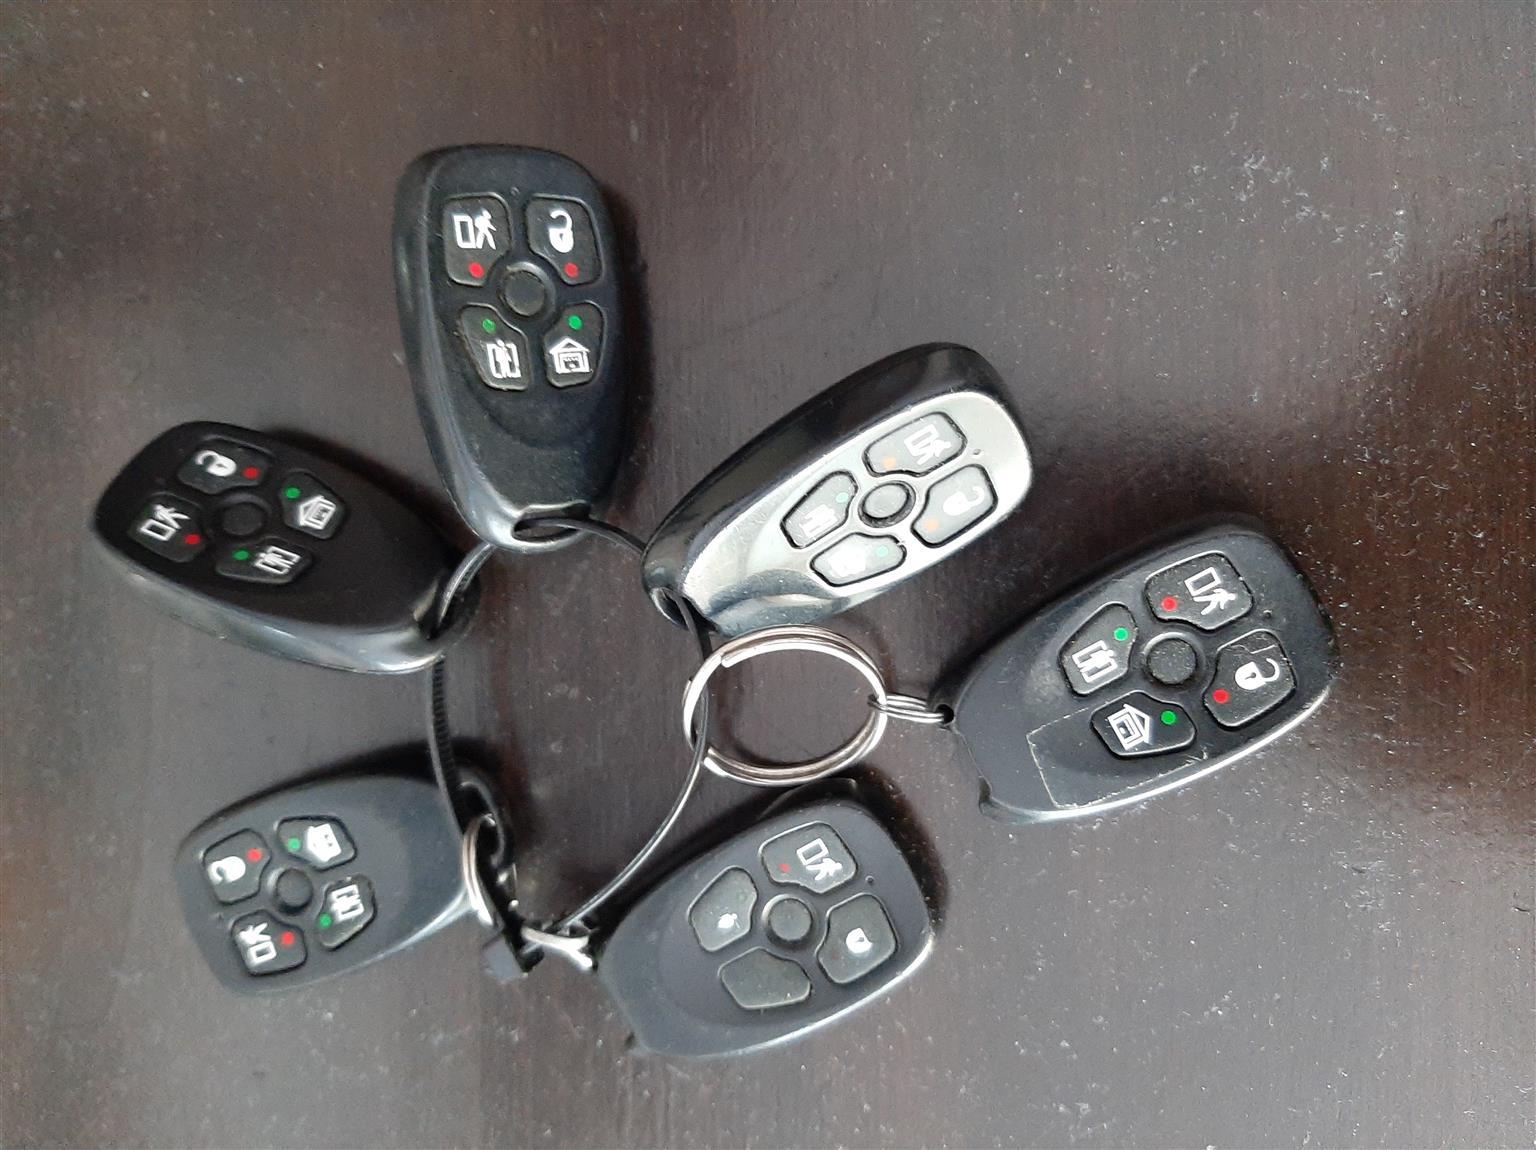 DSC Evolution 5 Remote